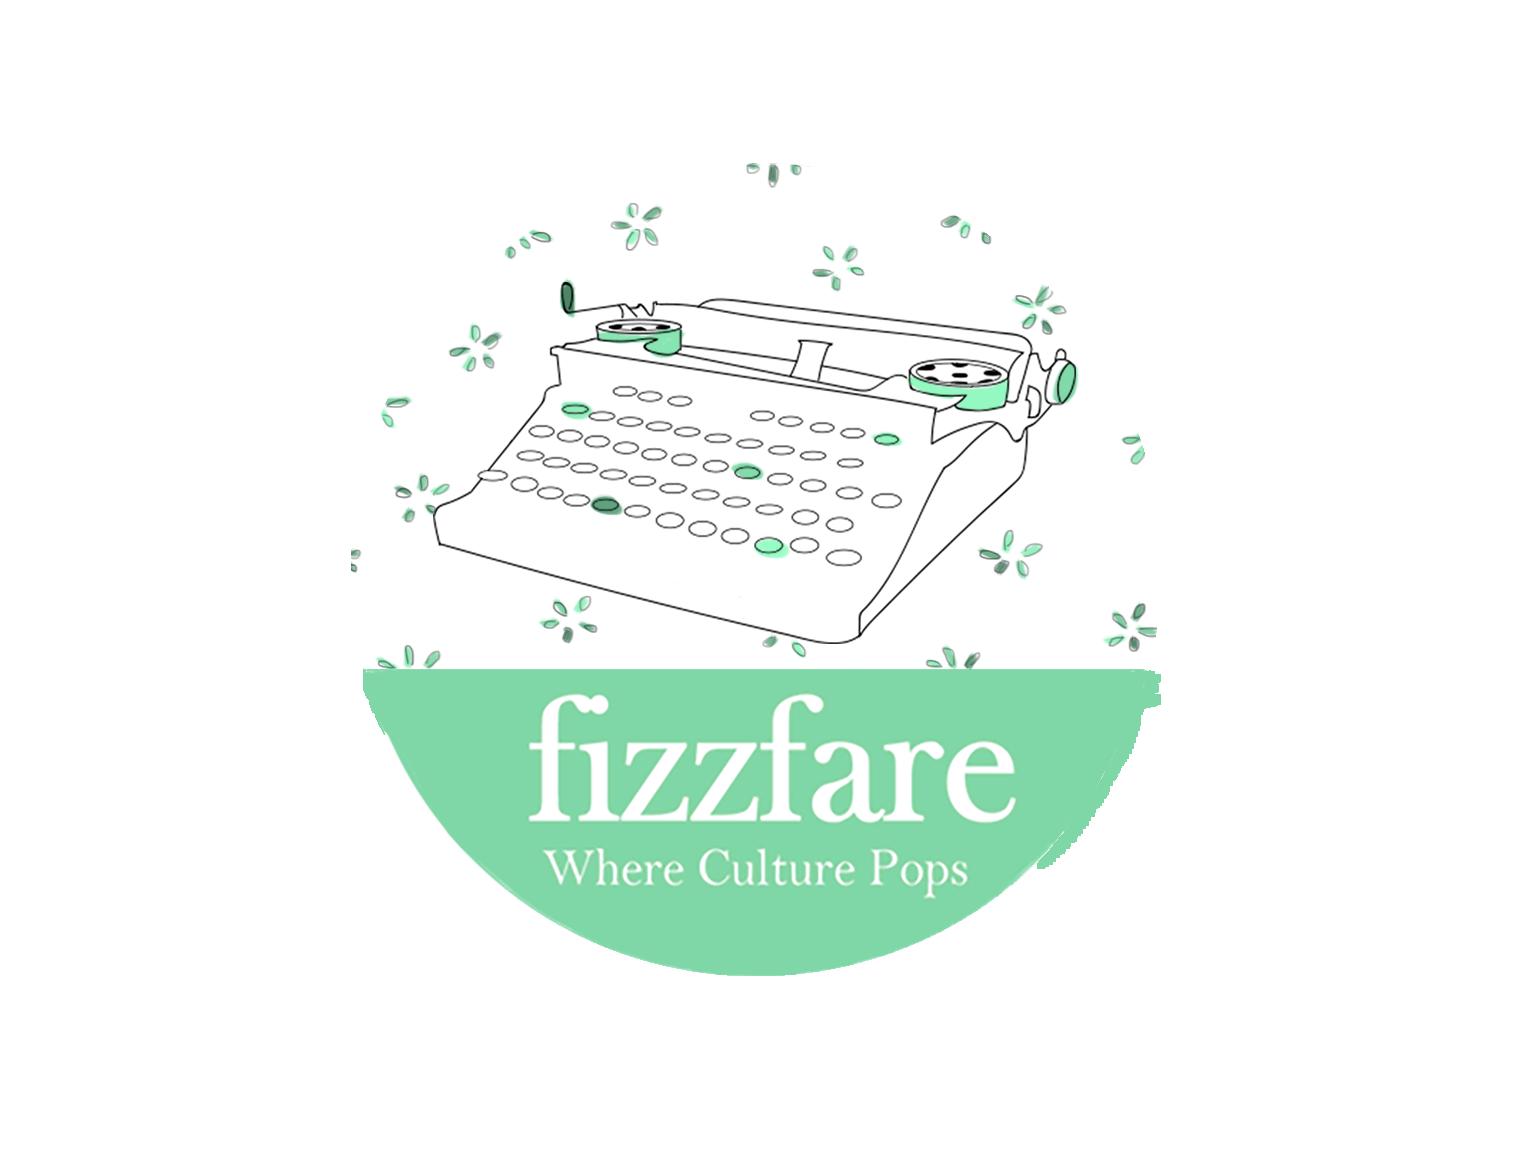 fizzfare_logo_2018.png